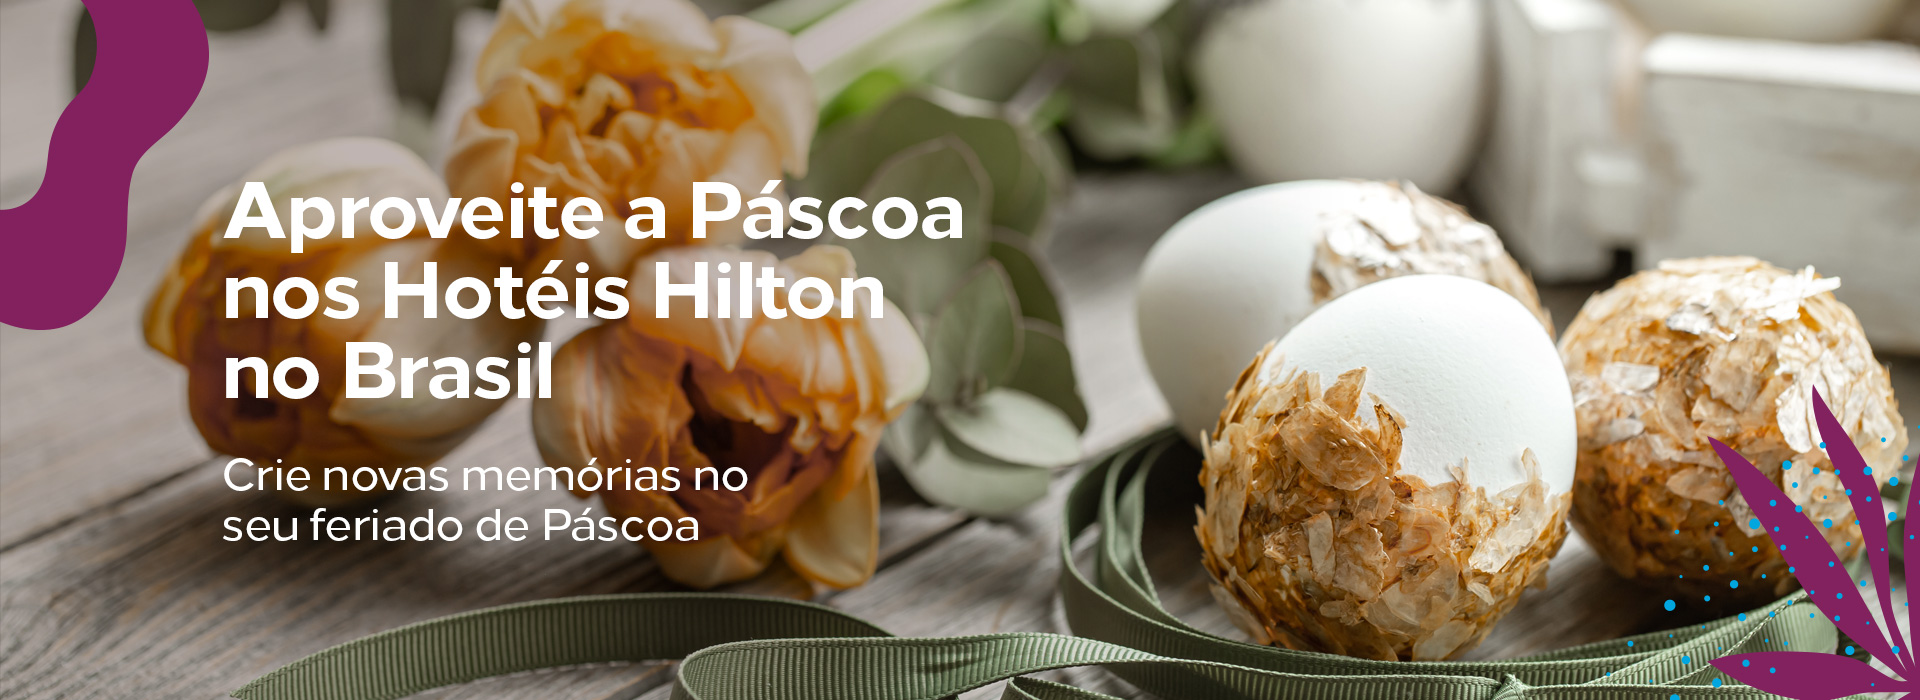 hilton-pascoa